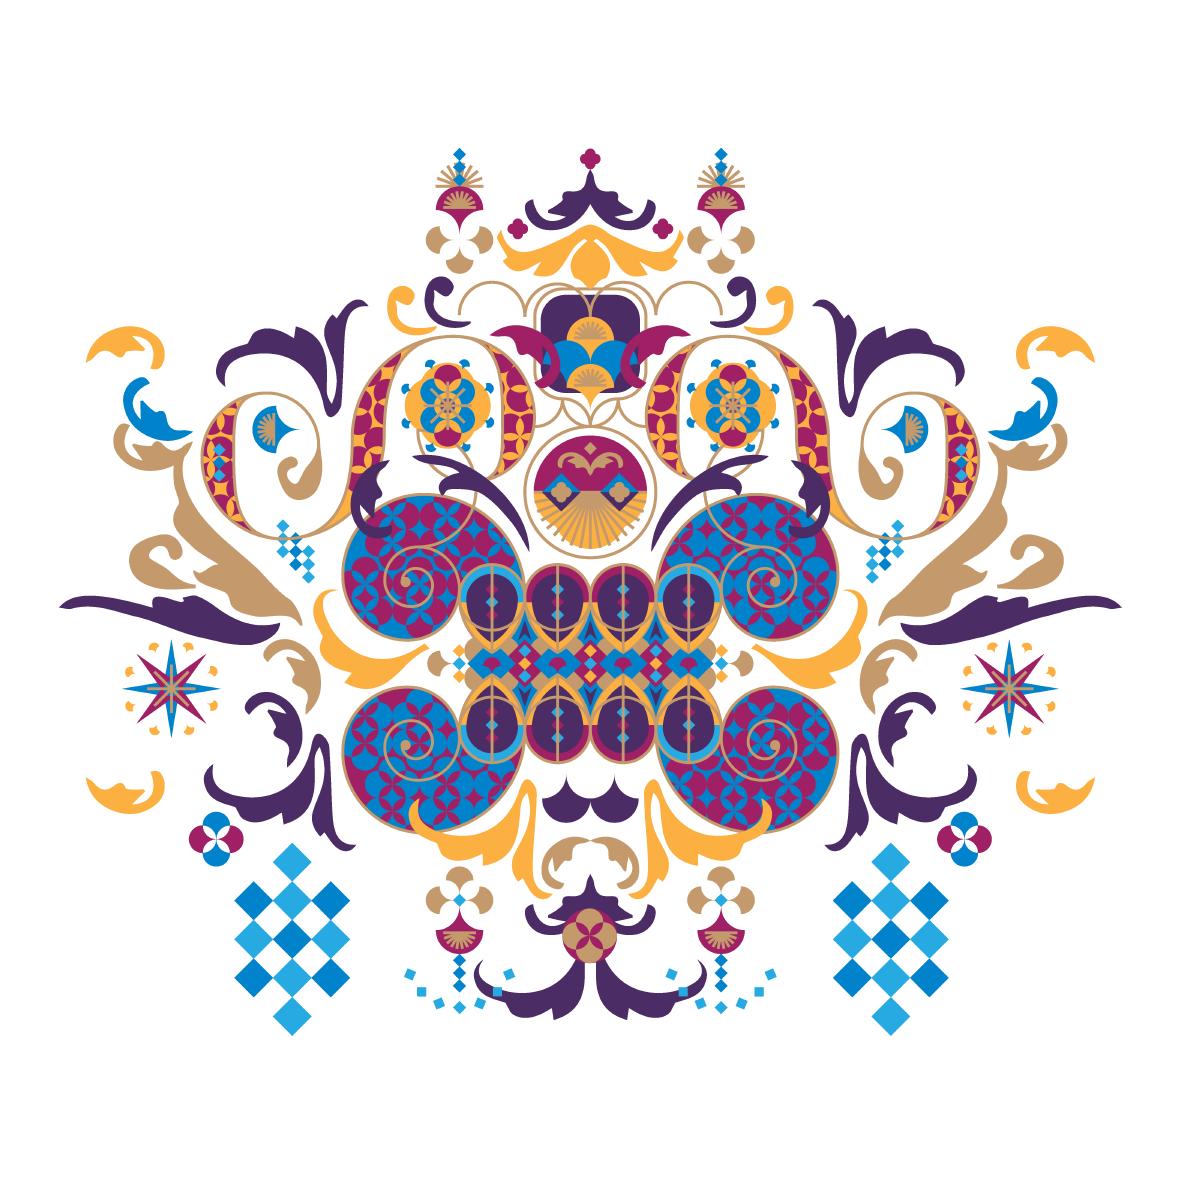 AQUA-Graphic-06